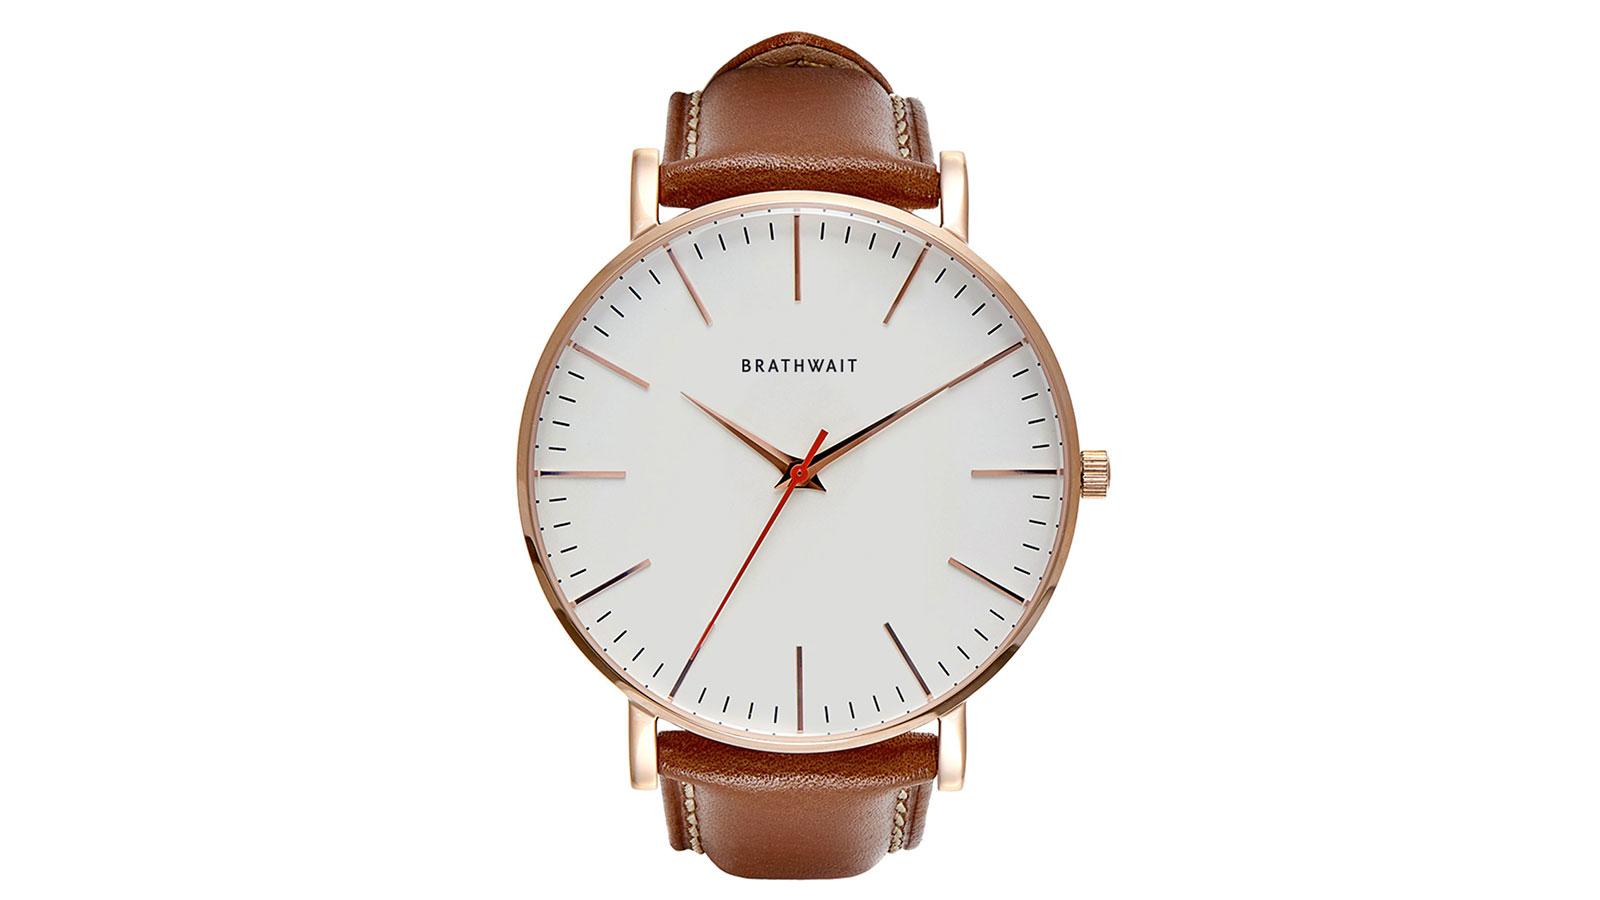 Brathwait The Classic Slim Watch | best men's watches under $300